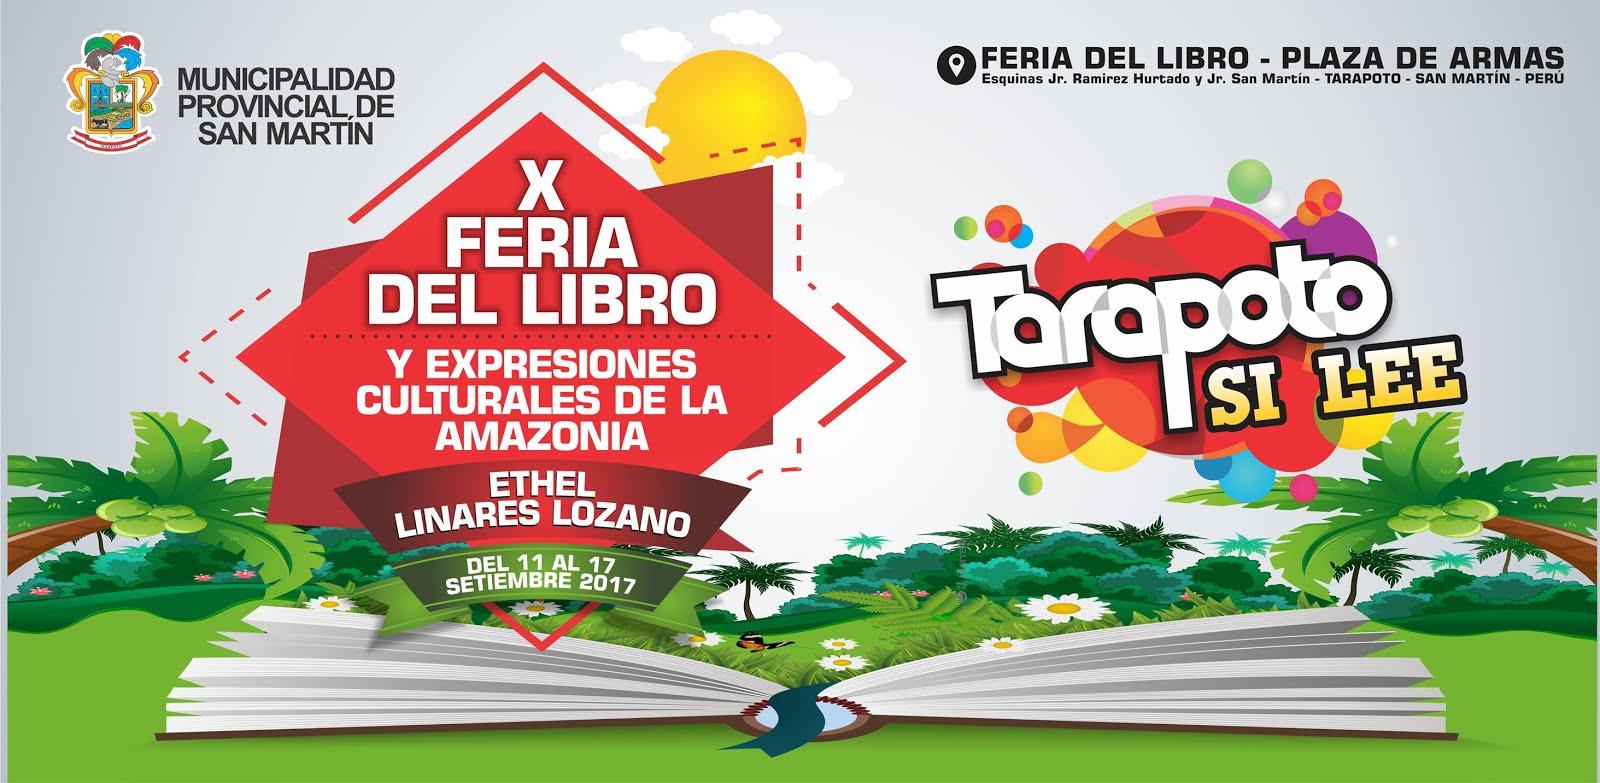 En X Feria del Libro de Tarapoto (11 - 17 setiembre 2017)